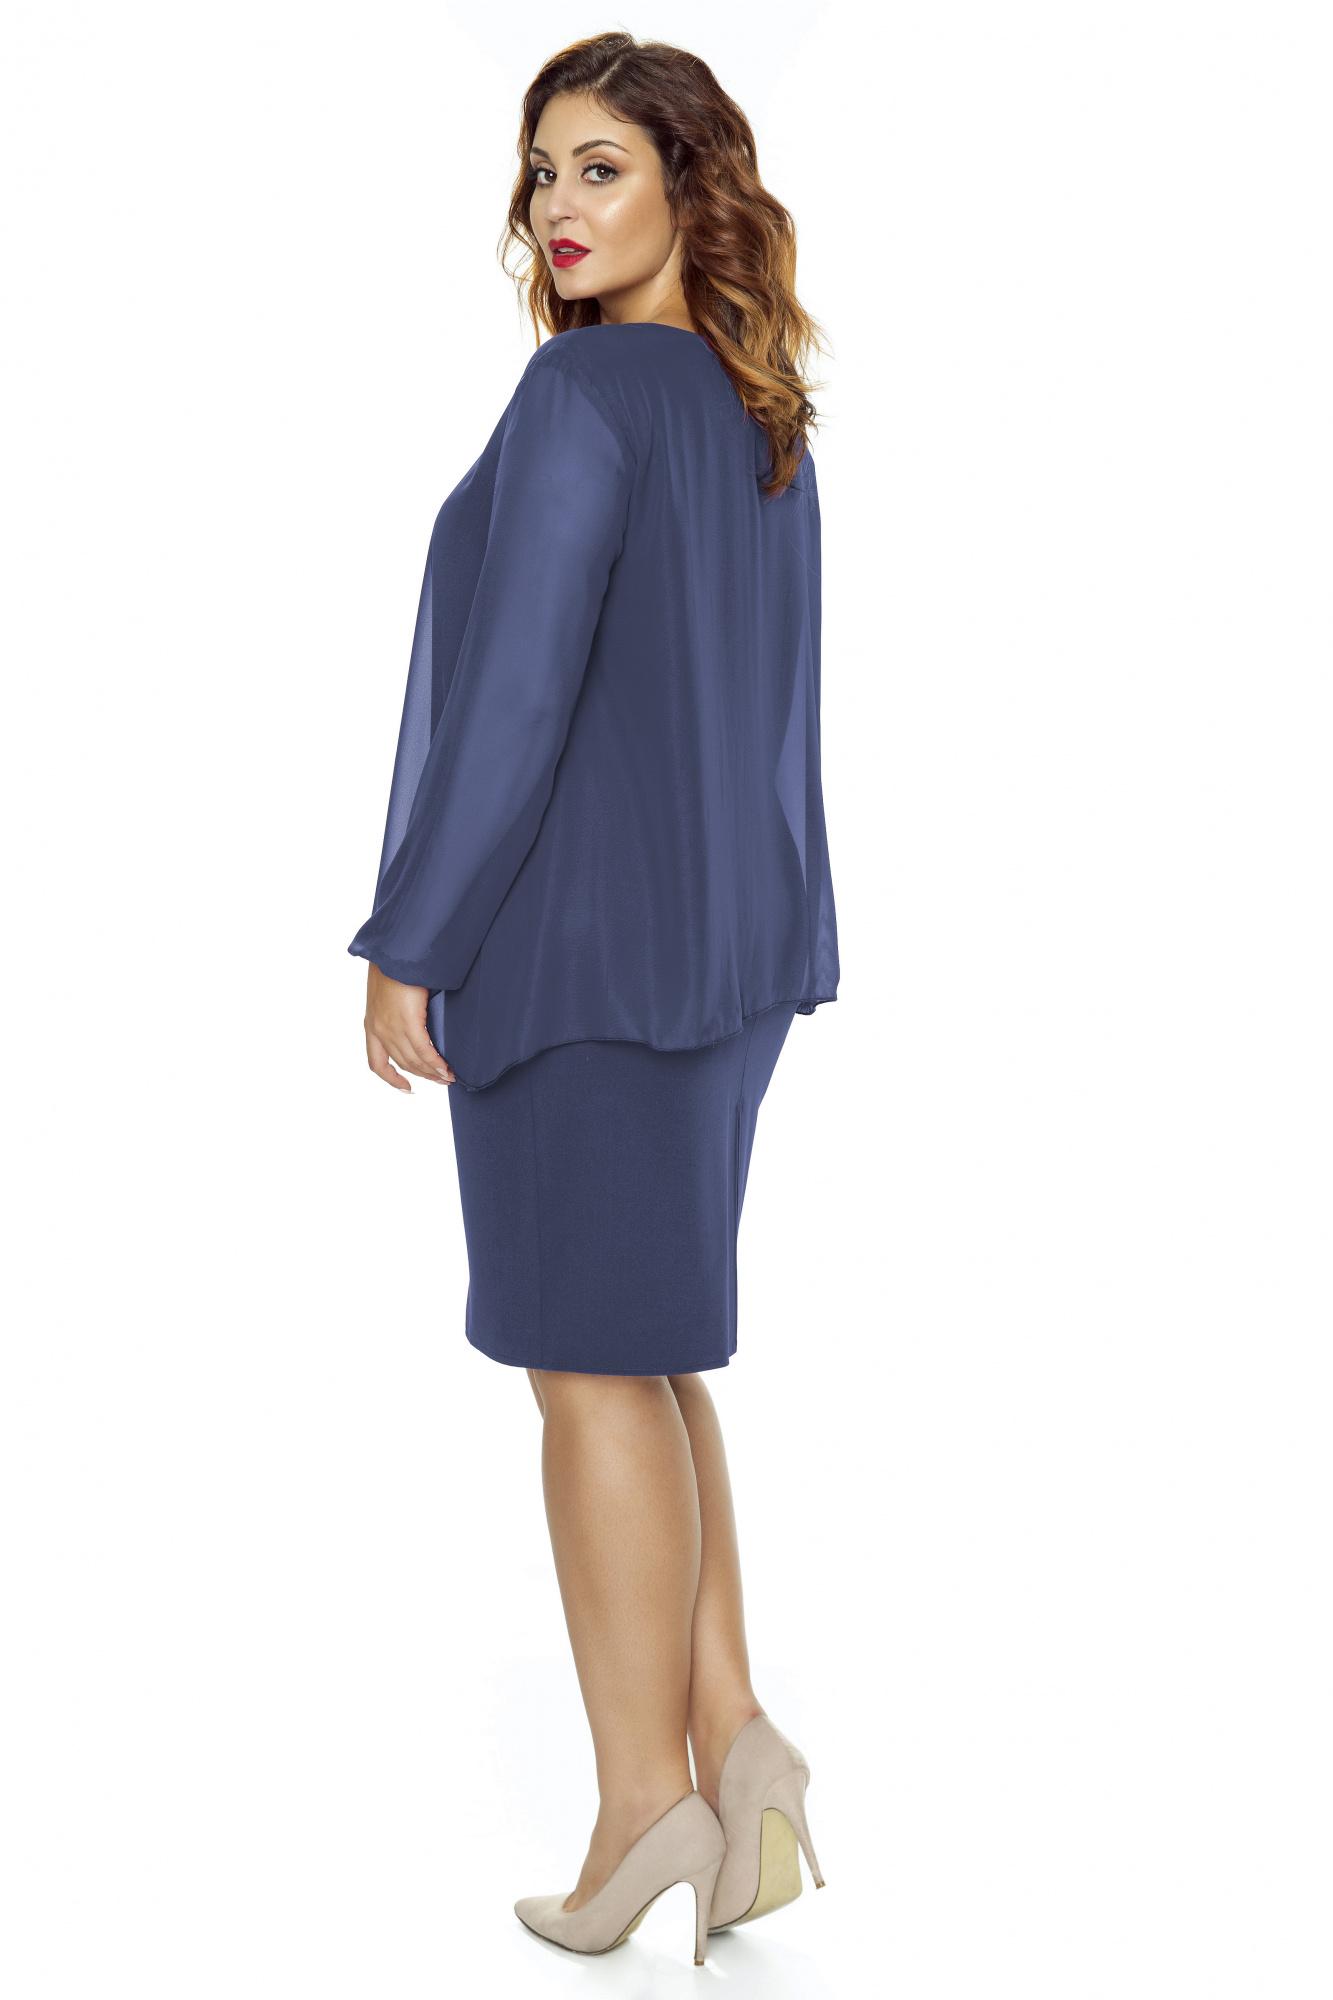 39976ac3f62251 Sukienka z szyfonową bluzką KM251-3 - ❤ Kartes-Moda ❤